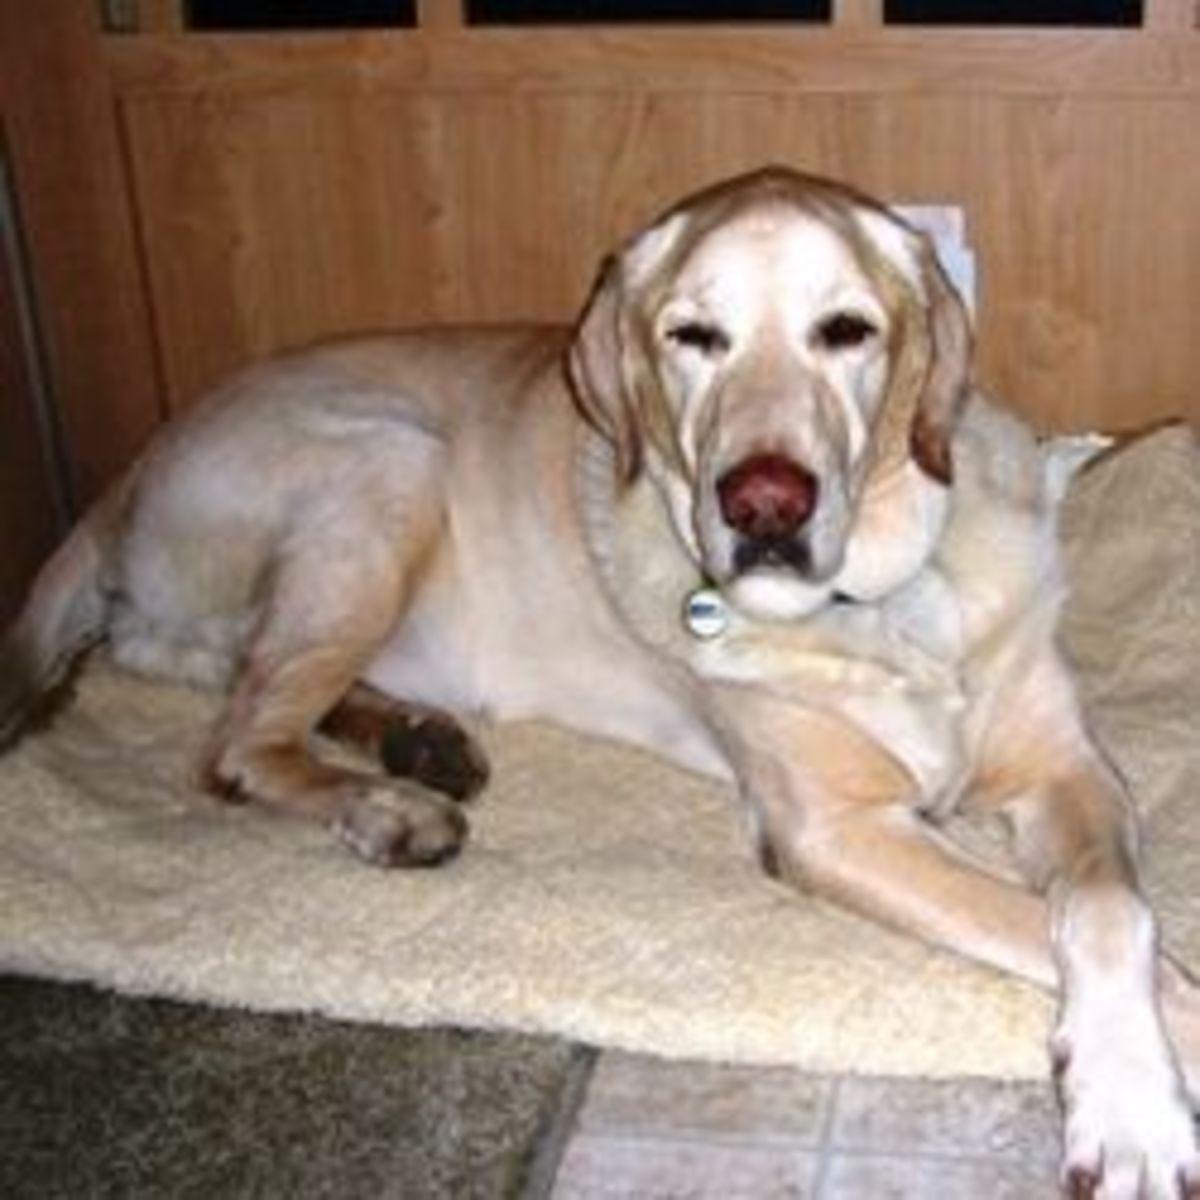 megaesphagus-dog